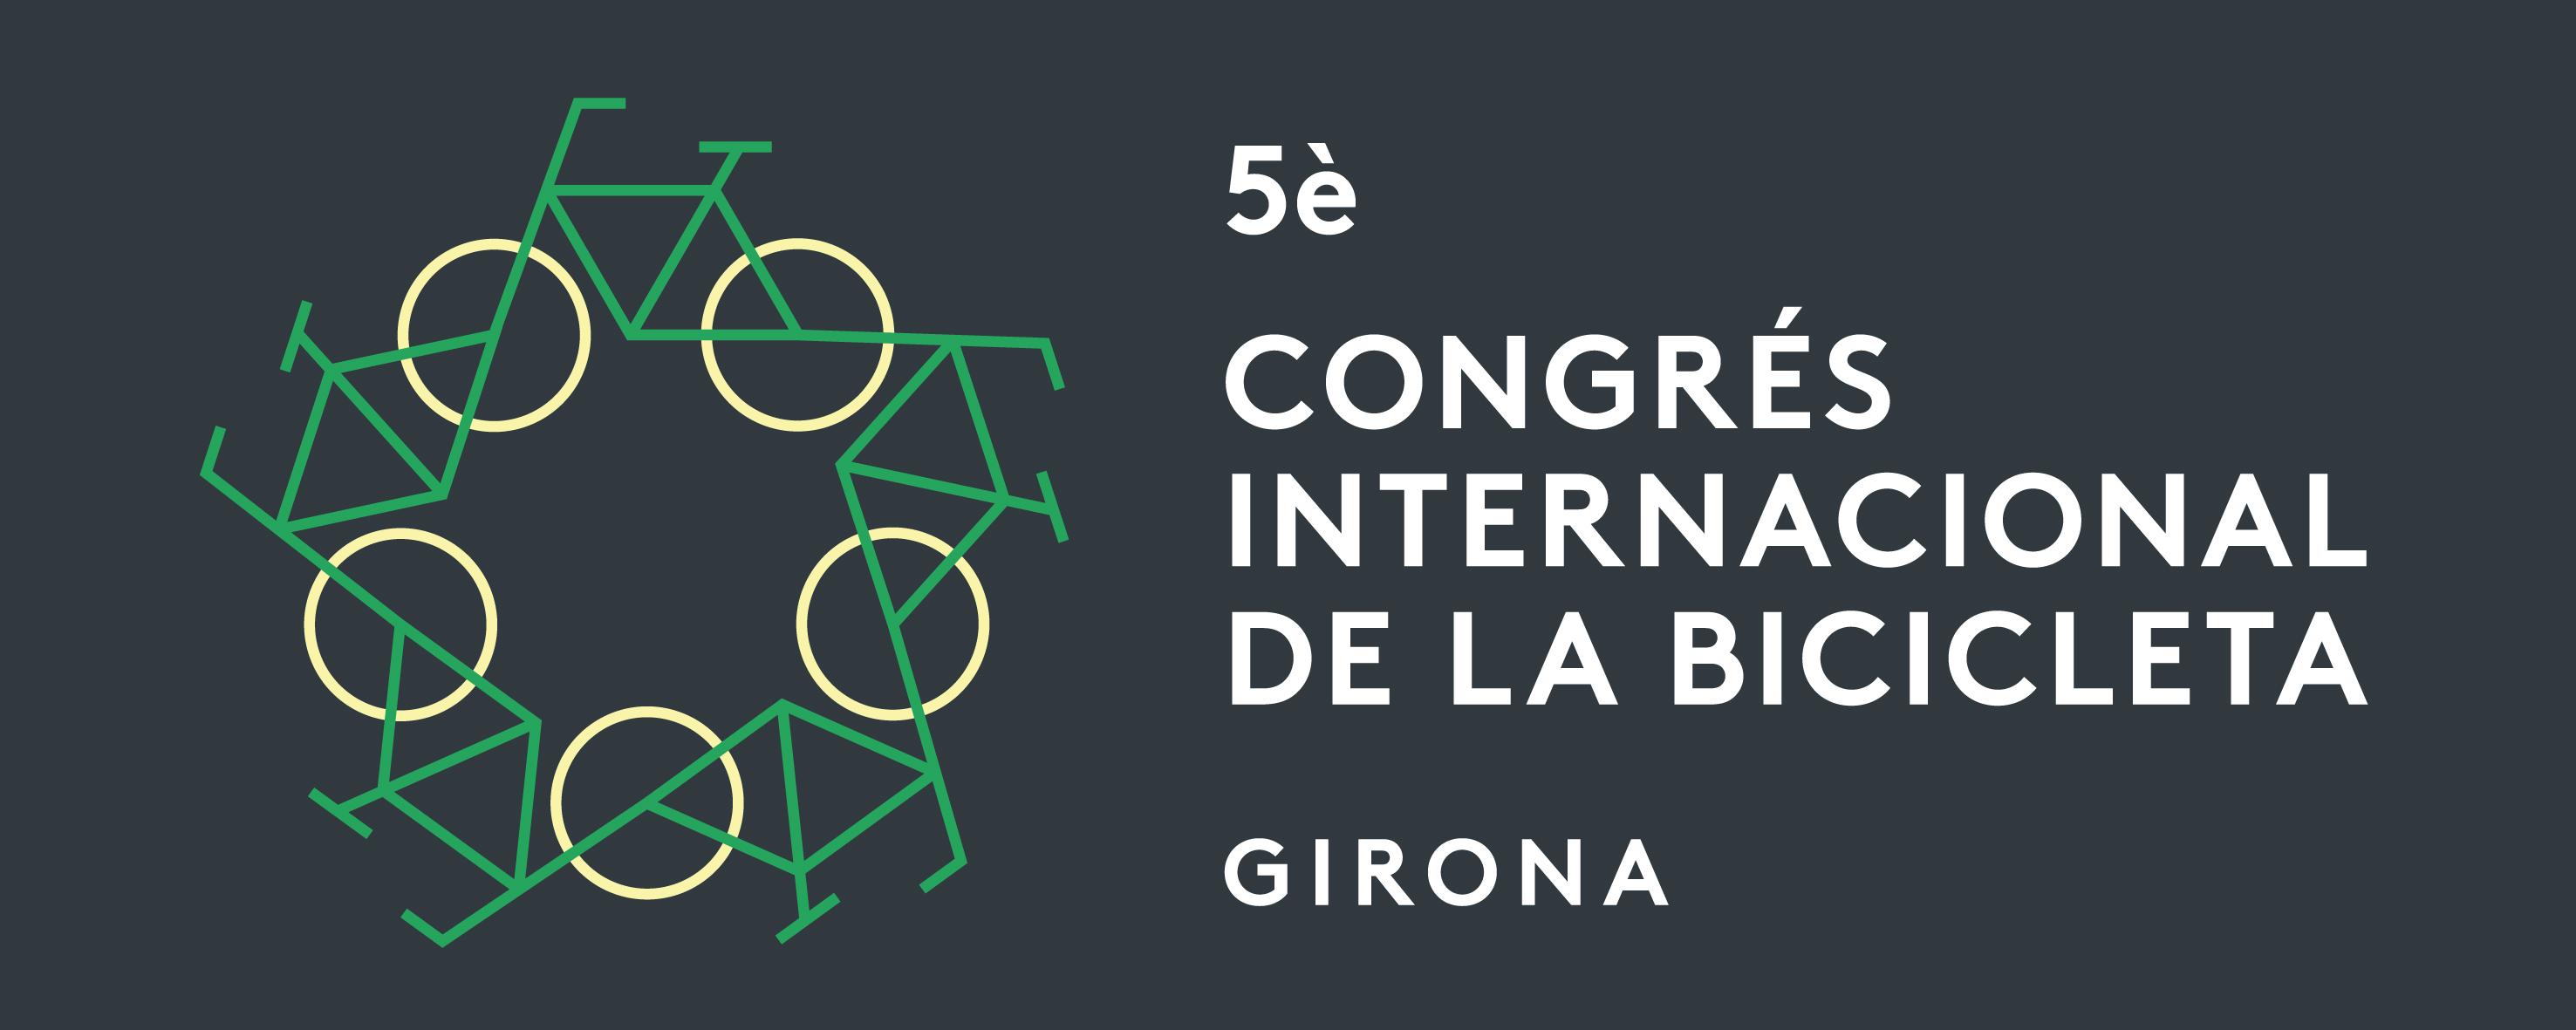 5è Congrés Internacional de la Bicicleta